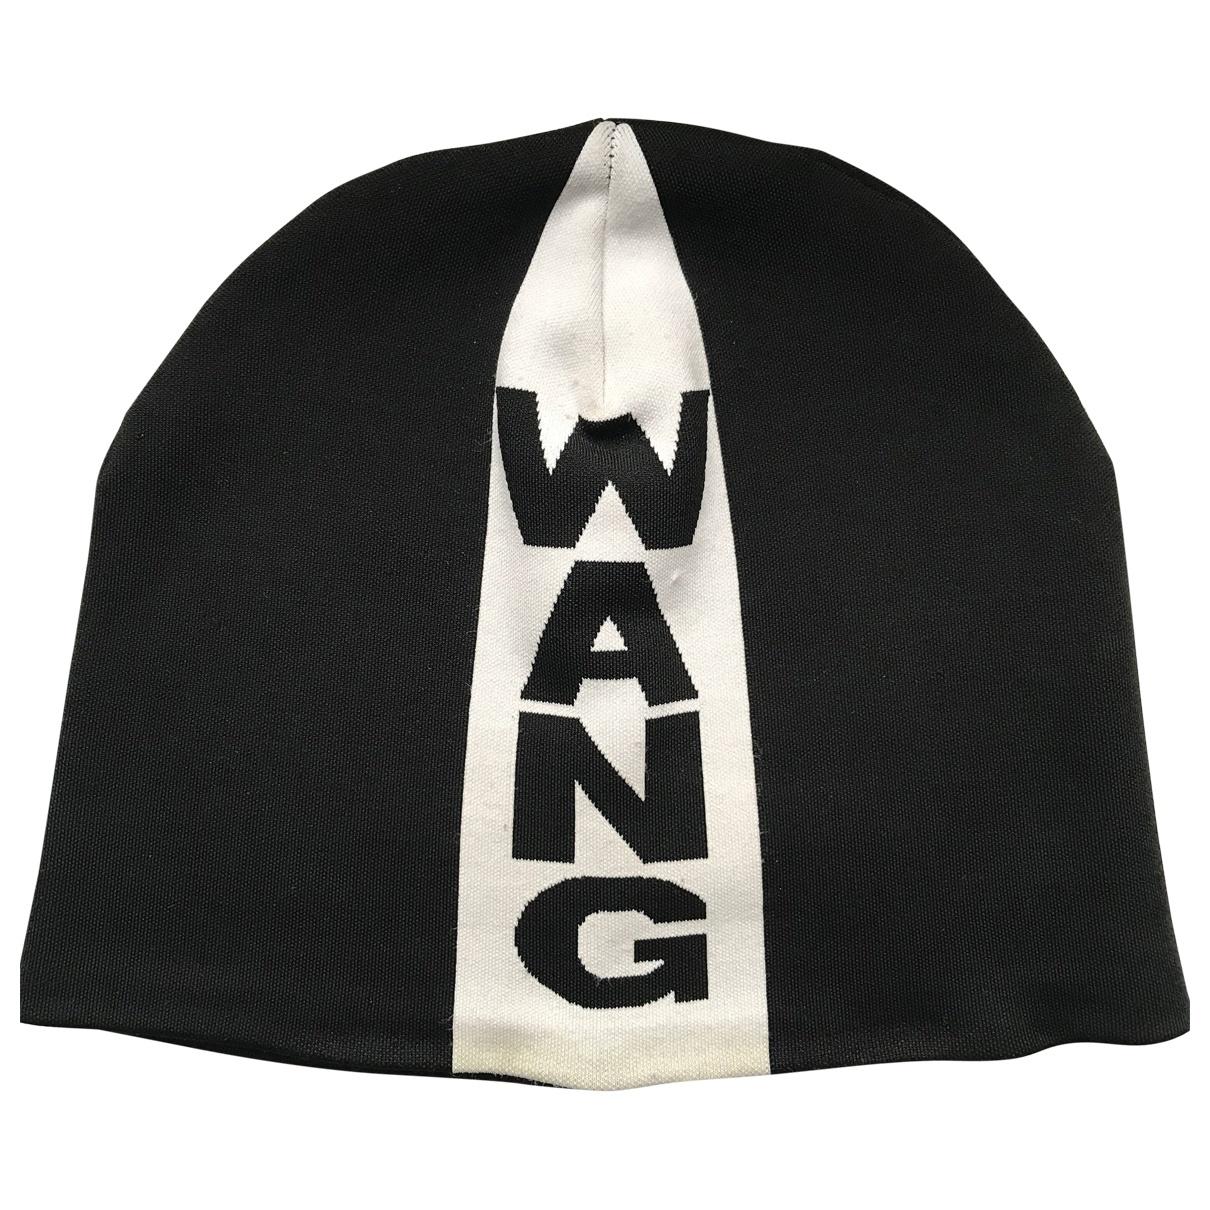 Alexander Wang Pour H&m - Chapeau & Bonnets   pour homme - noir